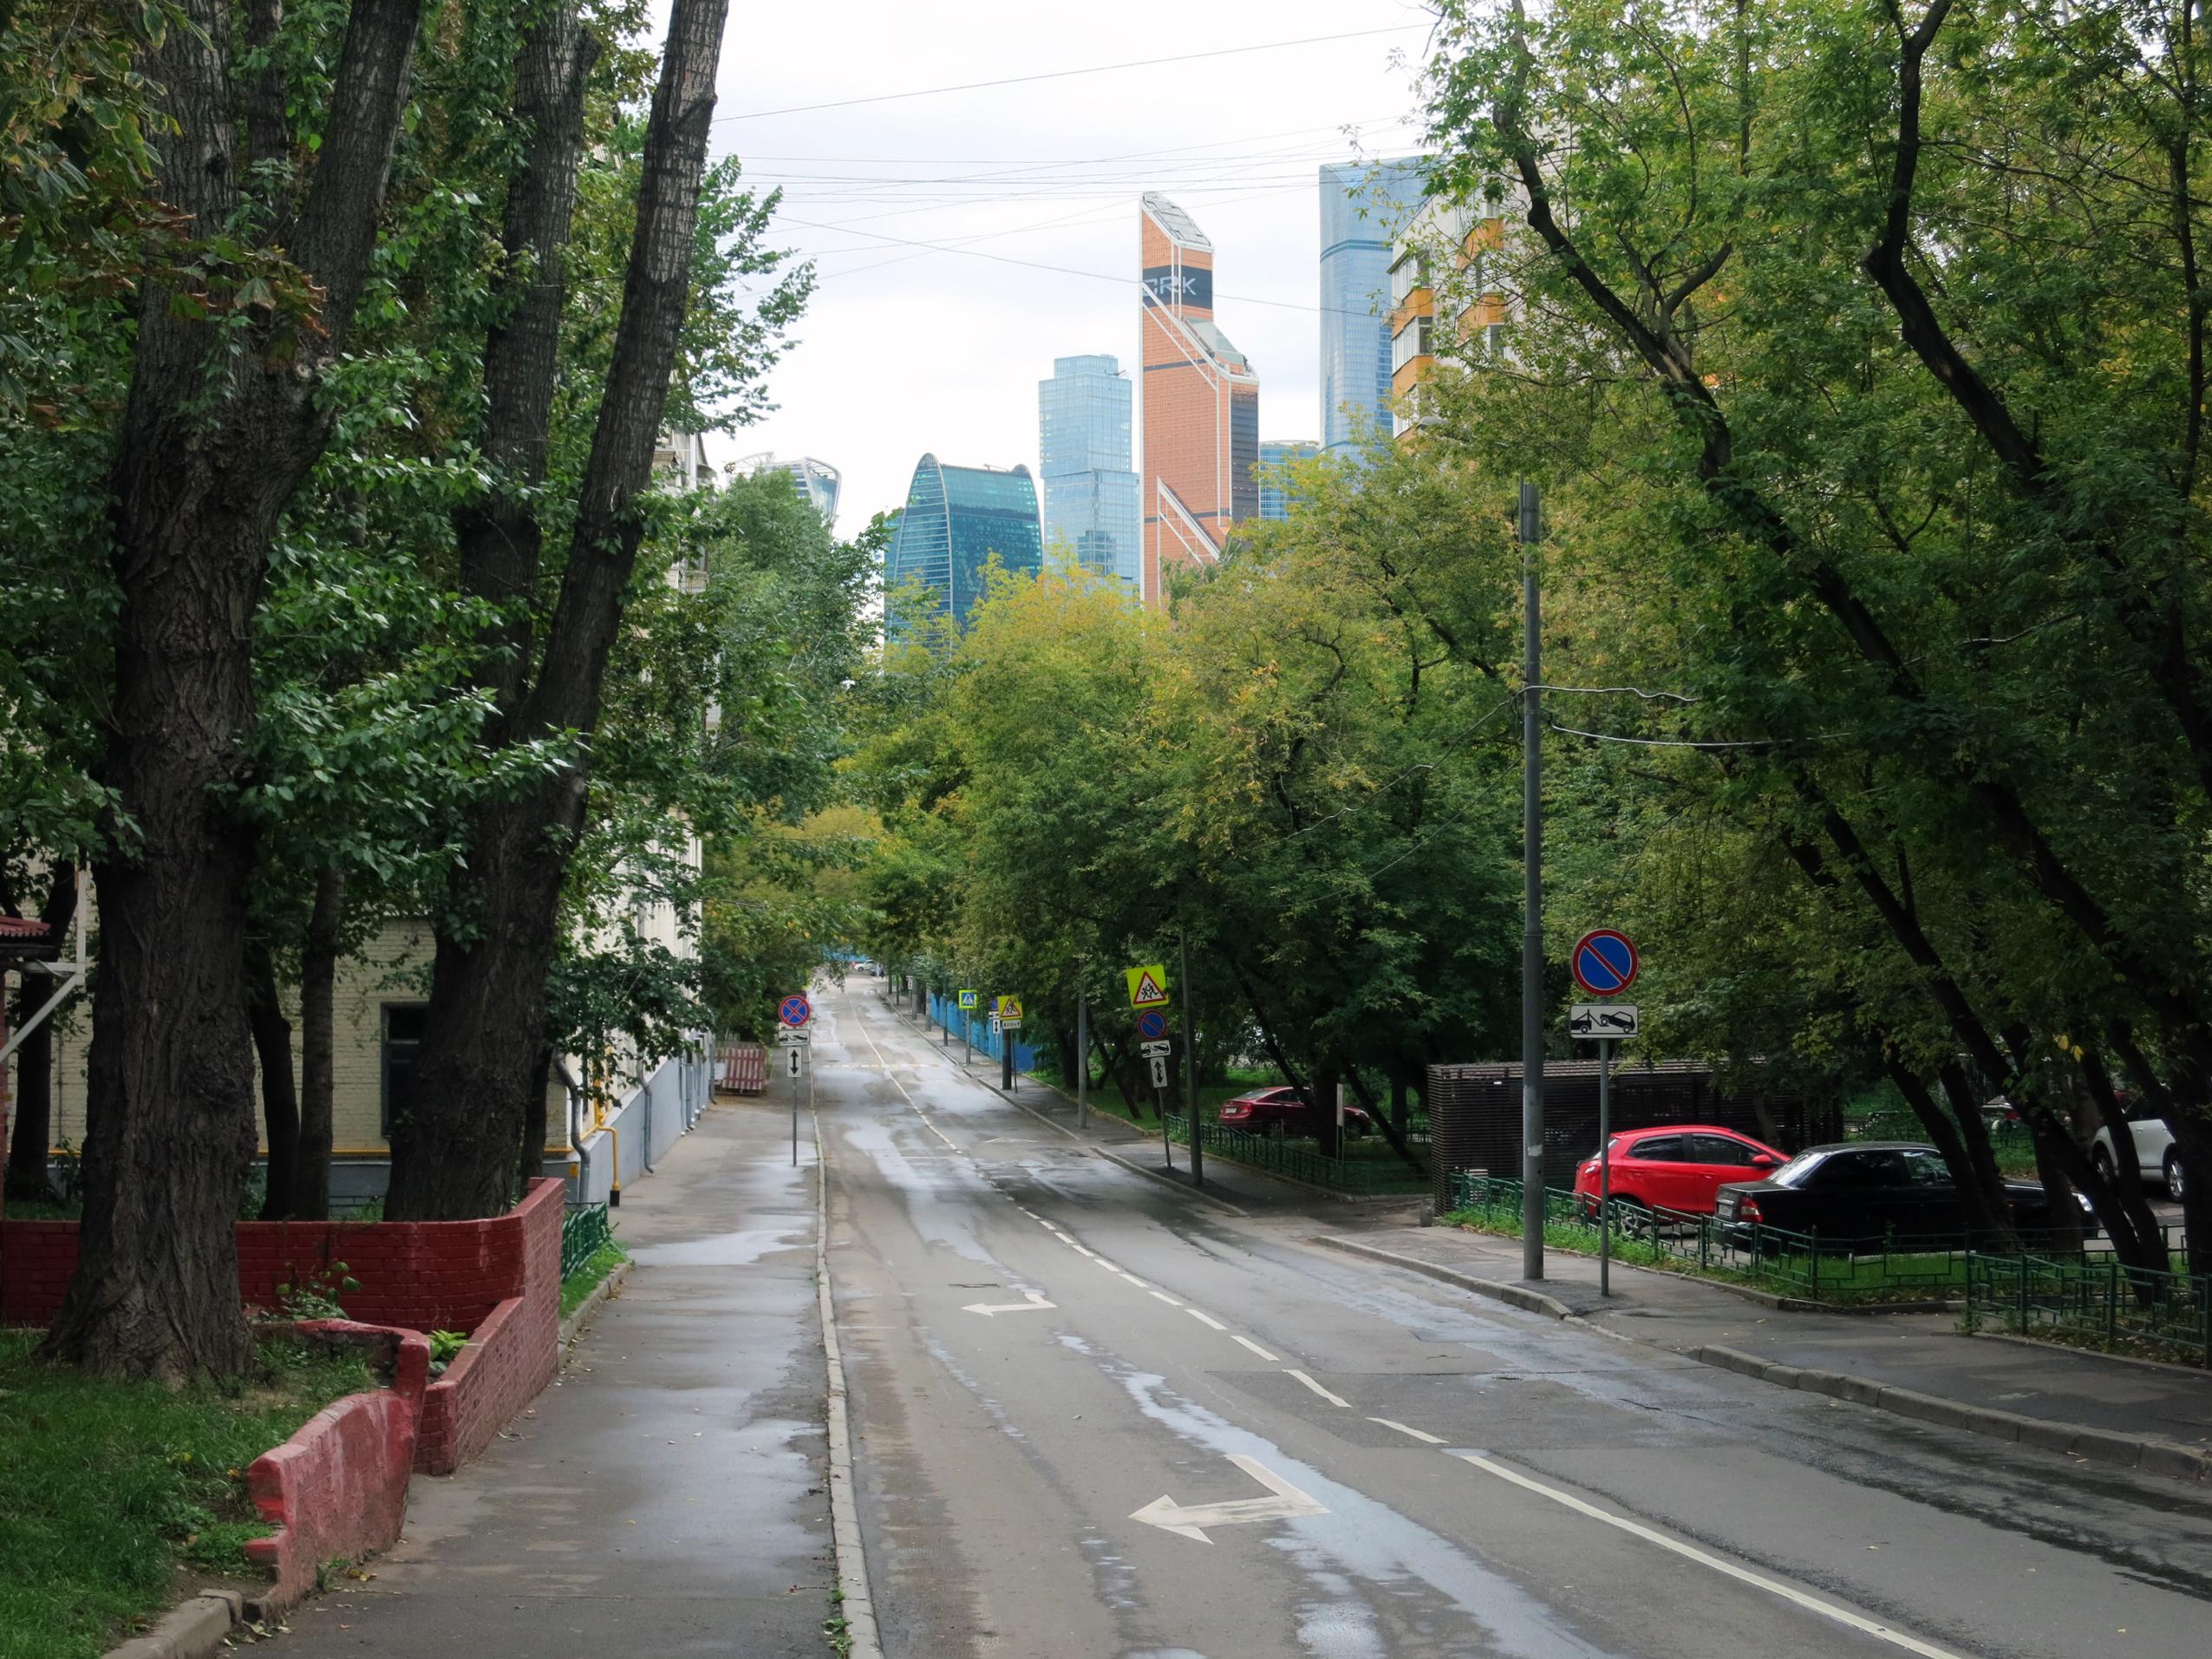 Продвижение сайта 2-я Черногрязская улица обучение созданию сайта в интернете